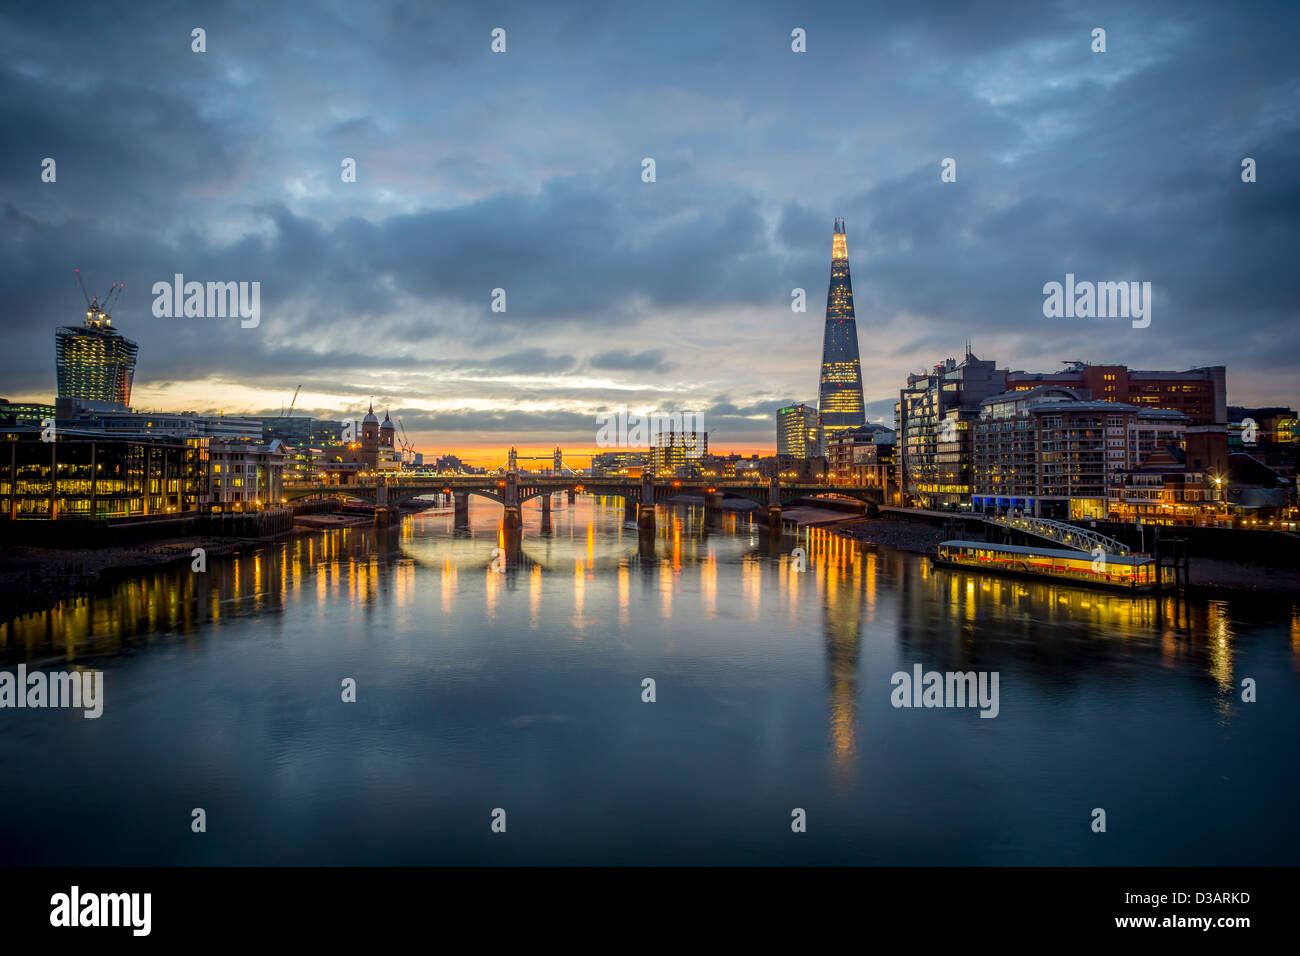 La Skyline di Londra all'alba Immagini Stock